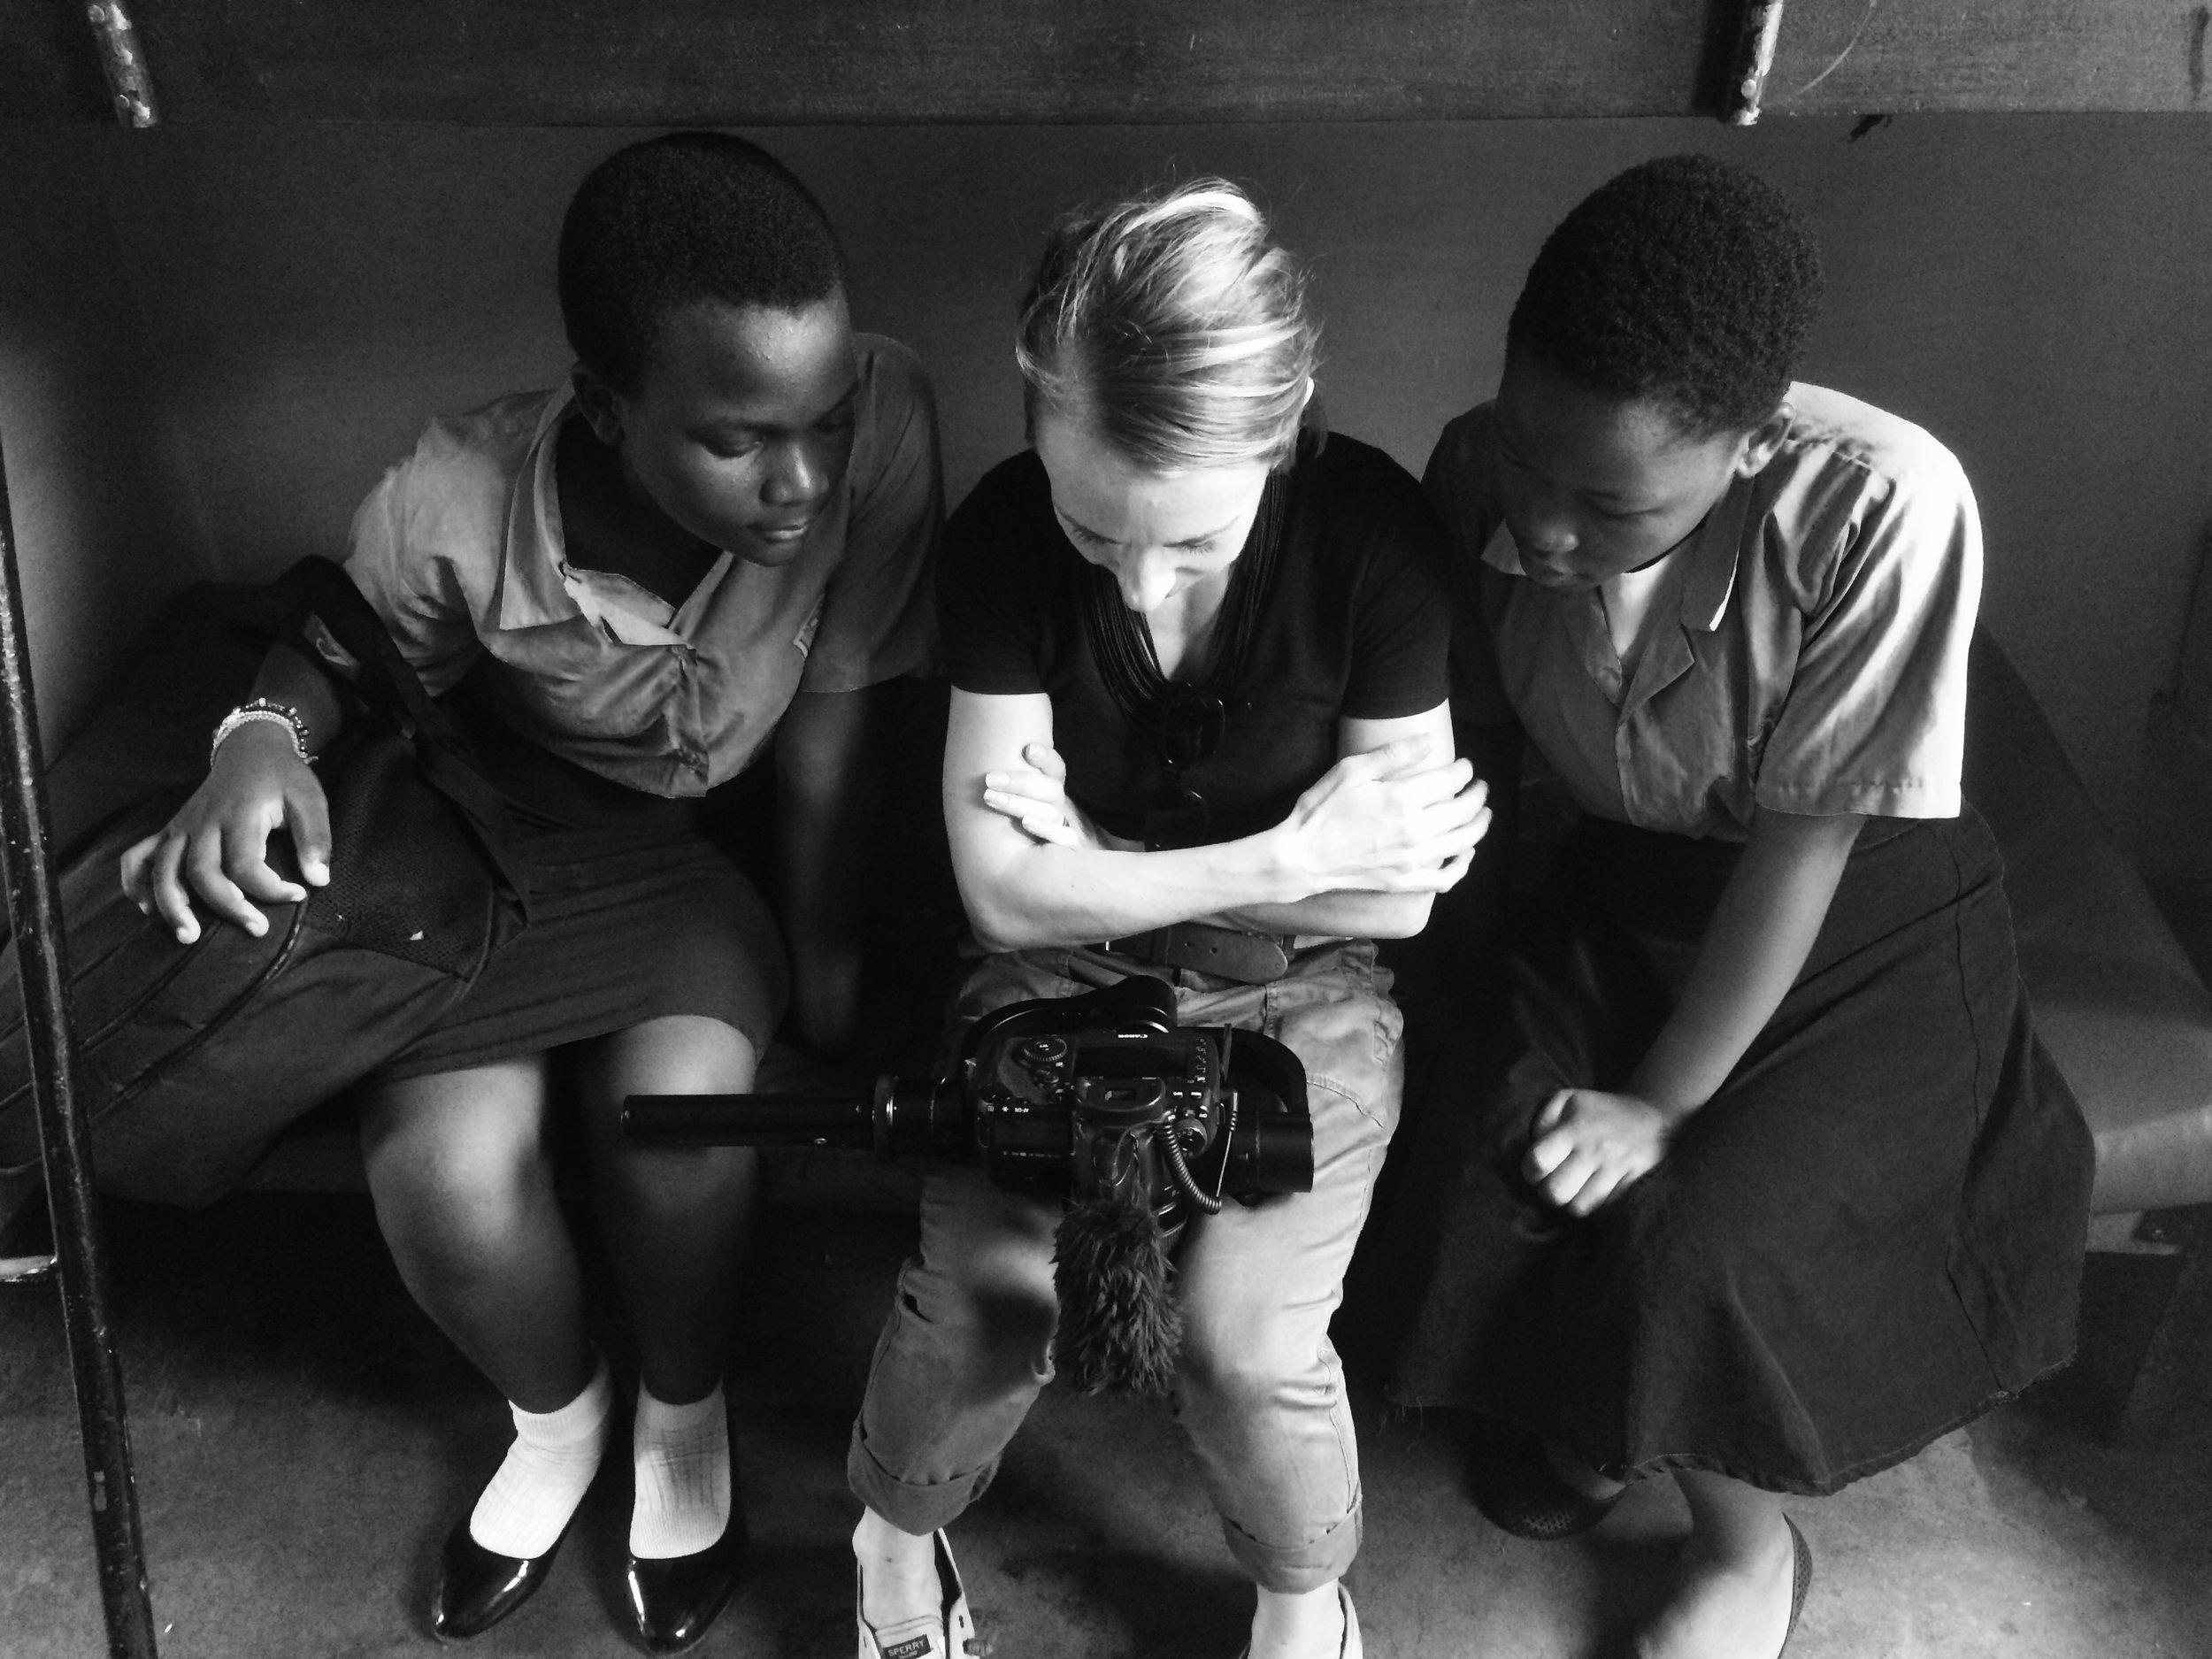 181220_OF-Malawi_BTS 4.jpg